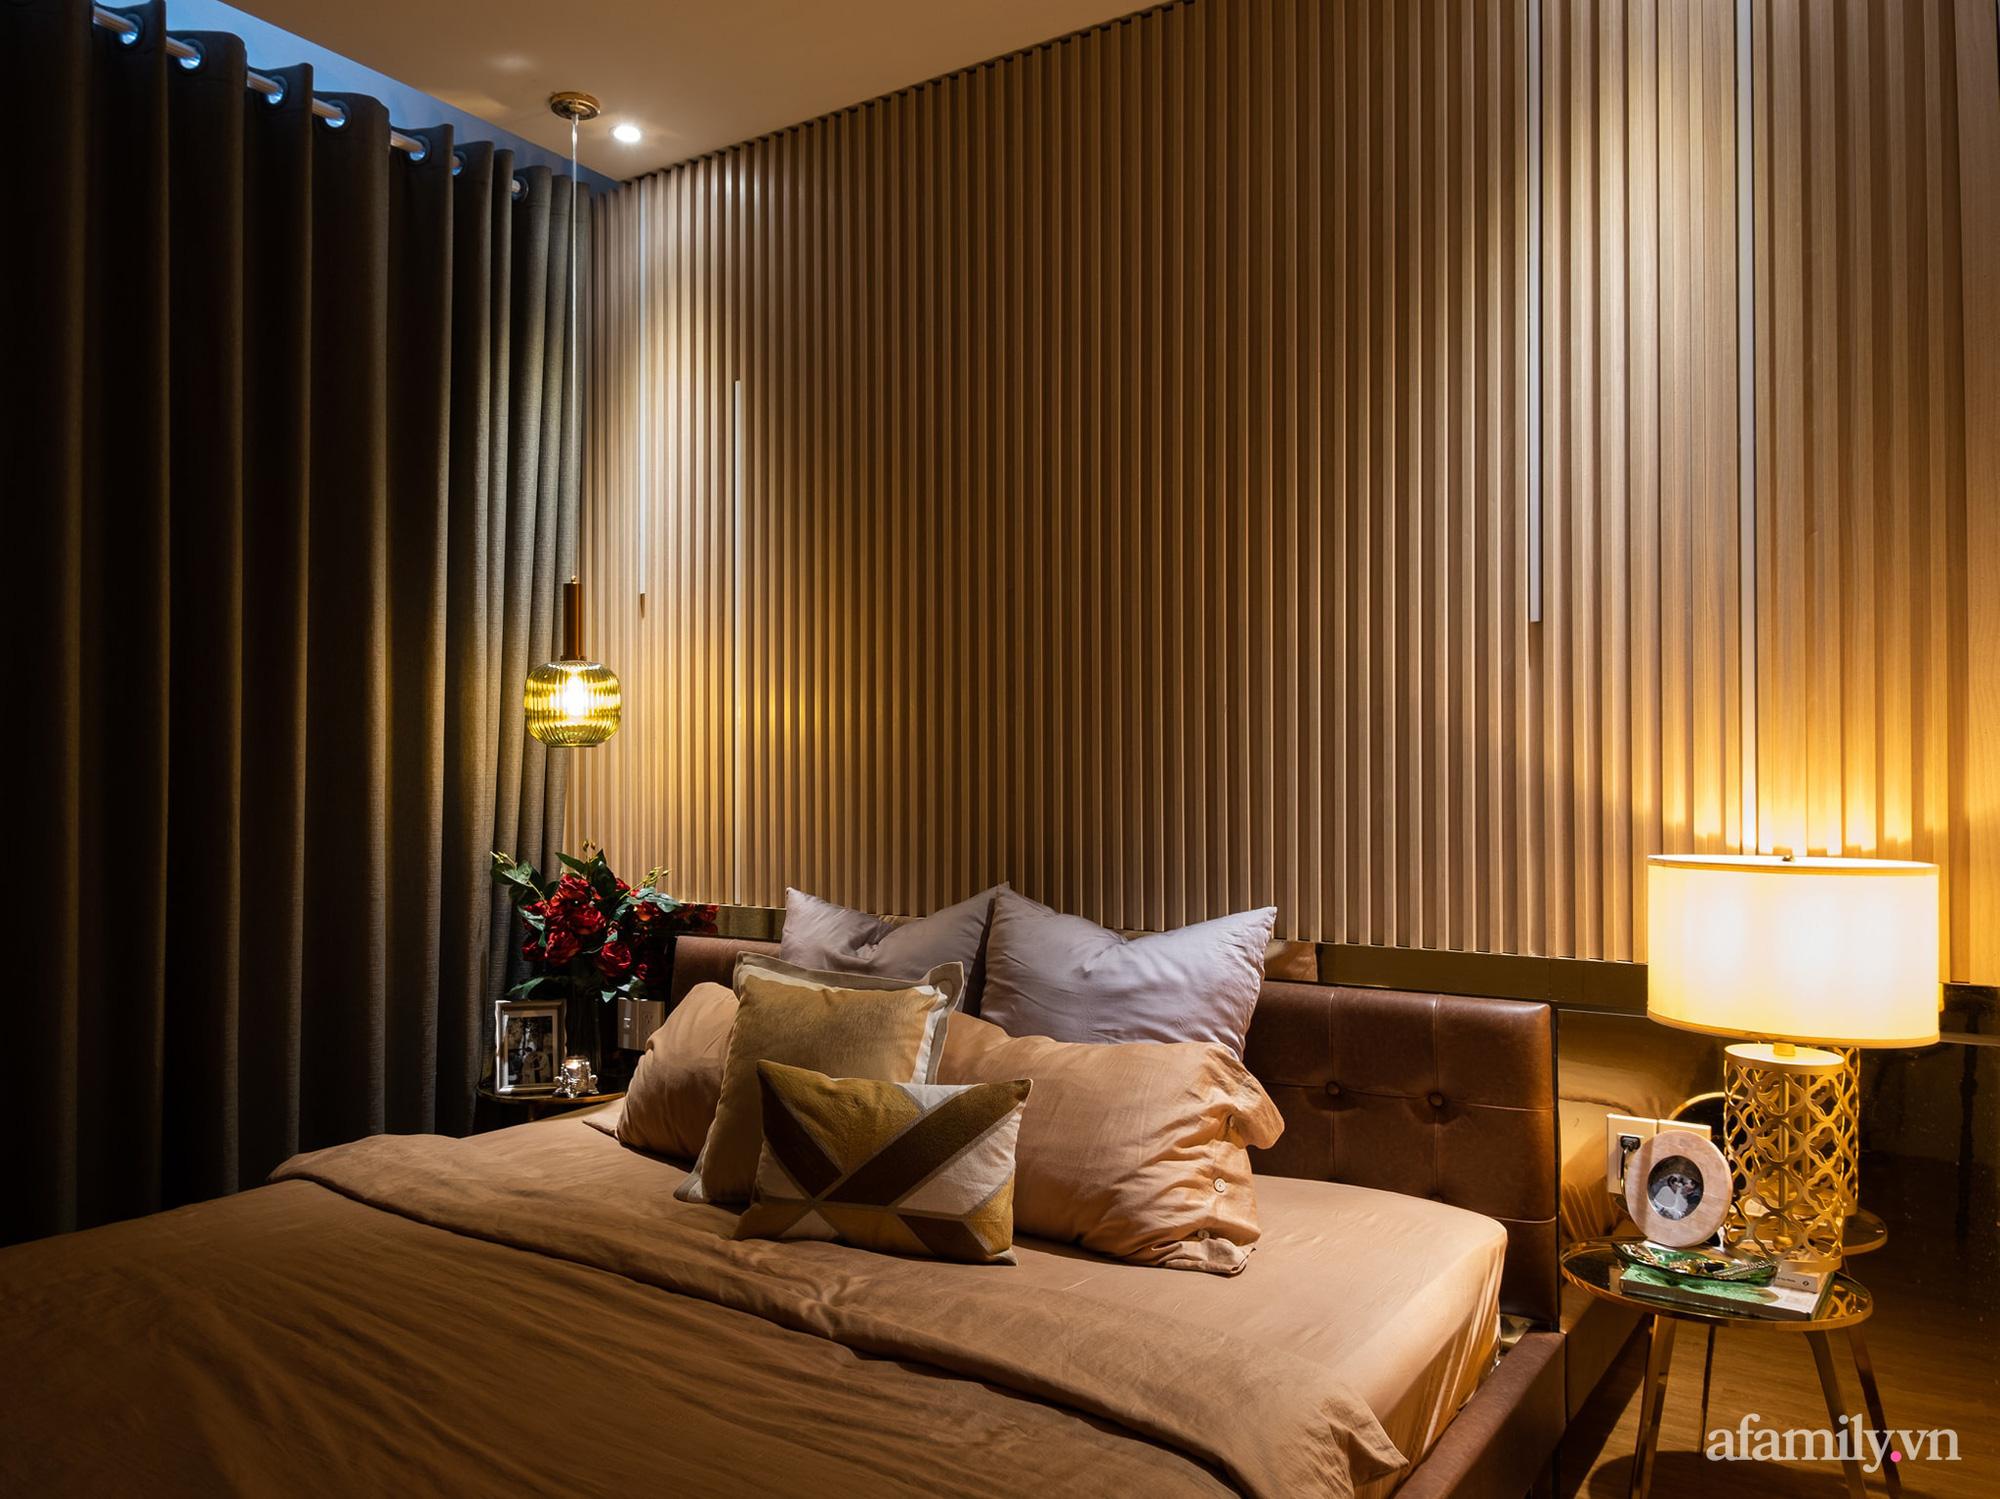 Căn hộ 70m² màu nâu trầm đẹp sang chảnh với chi phí hoàn thiện nội thất 400 triệu đồng ở Sài Gòn - Ảnh 17.